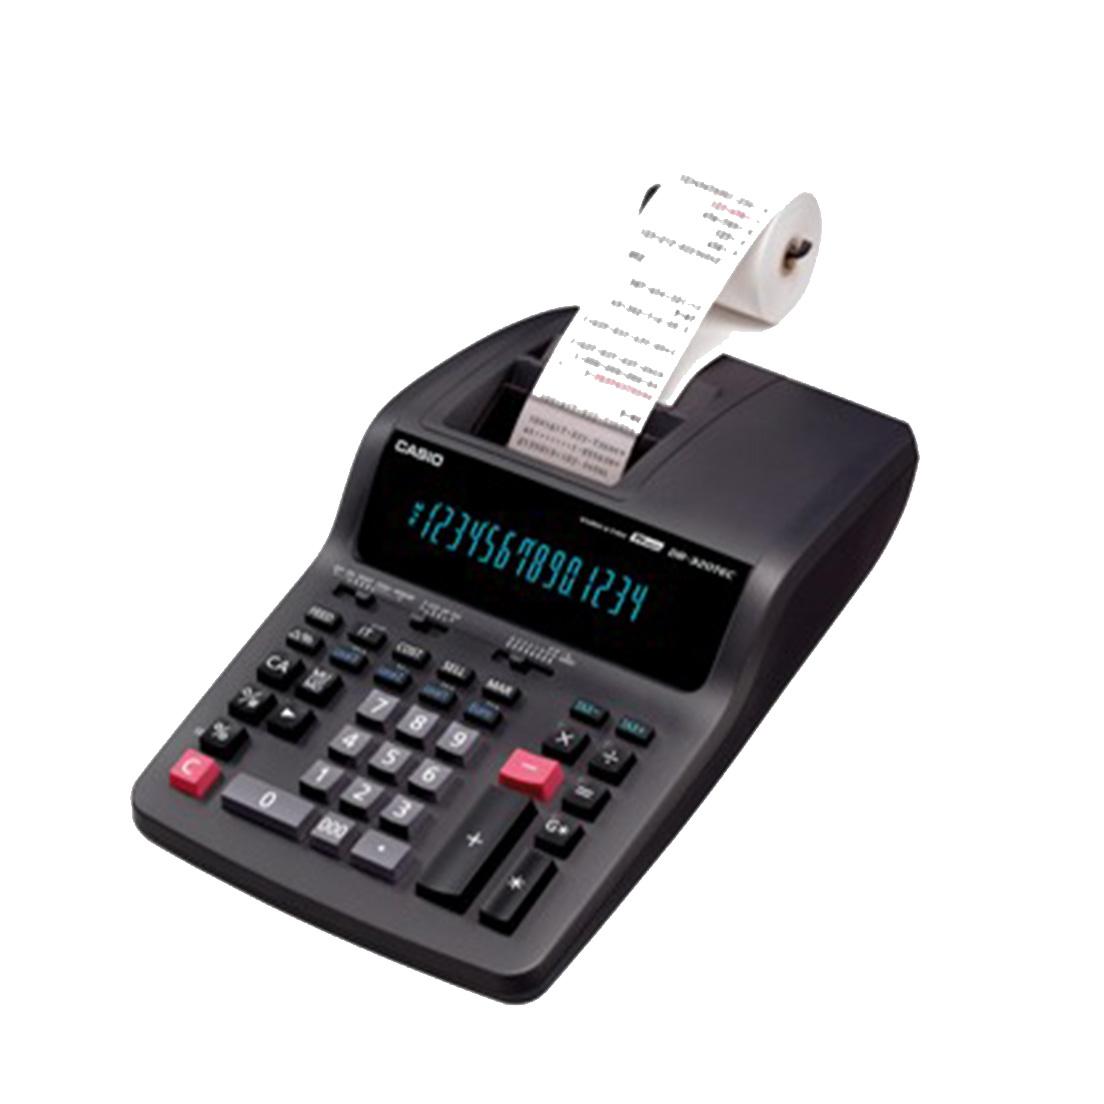 CALCOLATRICE CASIO DA TAVOLO DS320 1pz 14 CIFRE